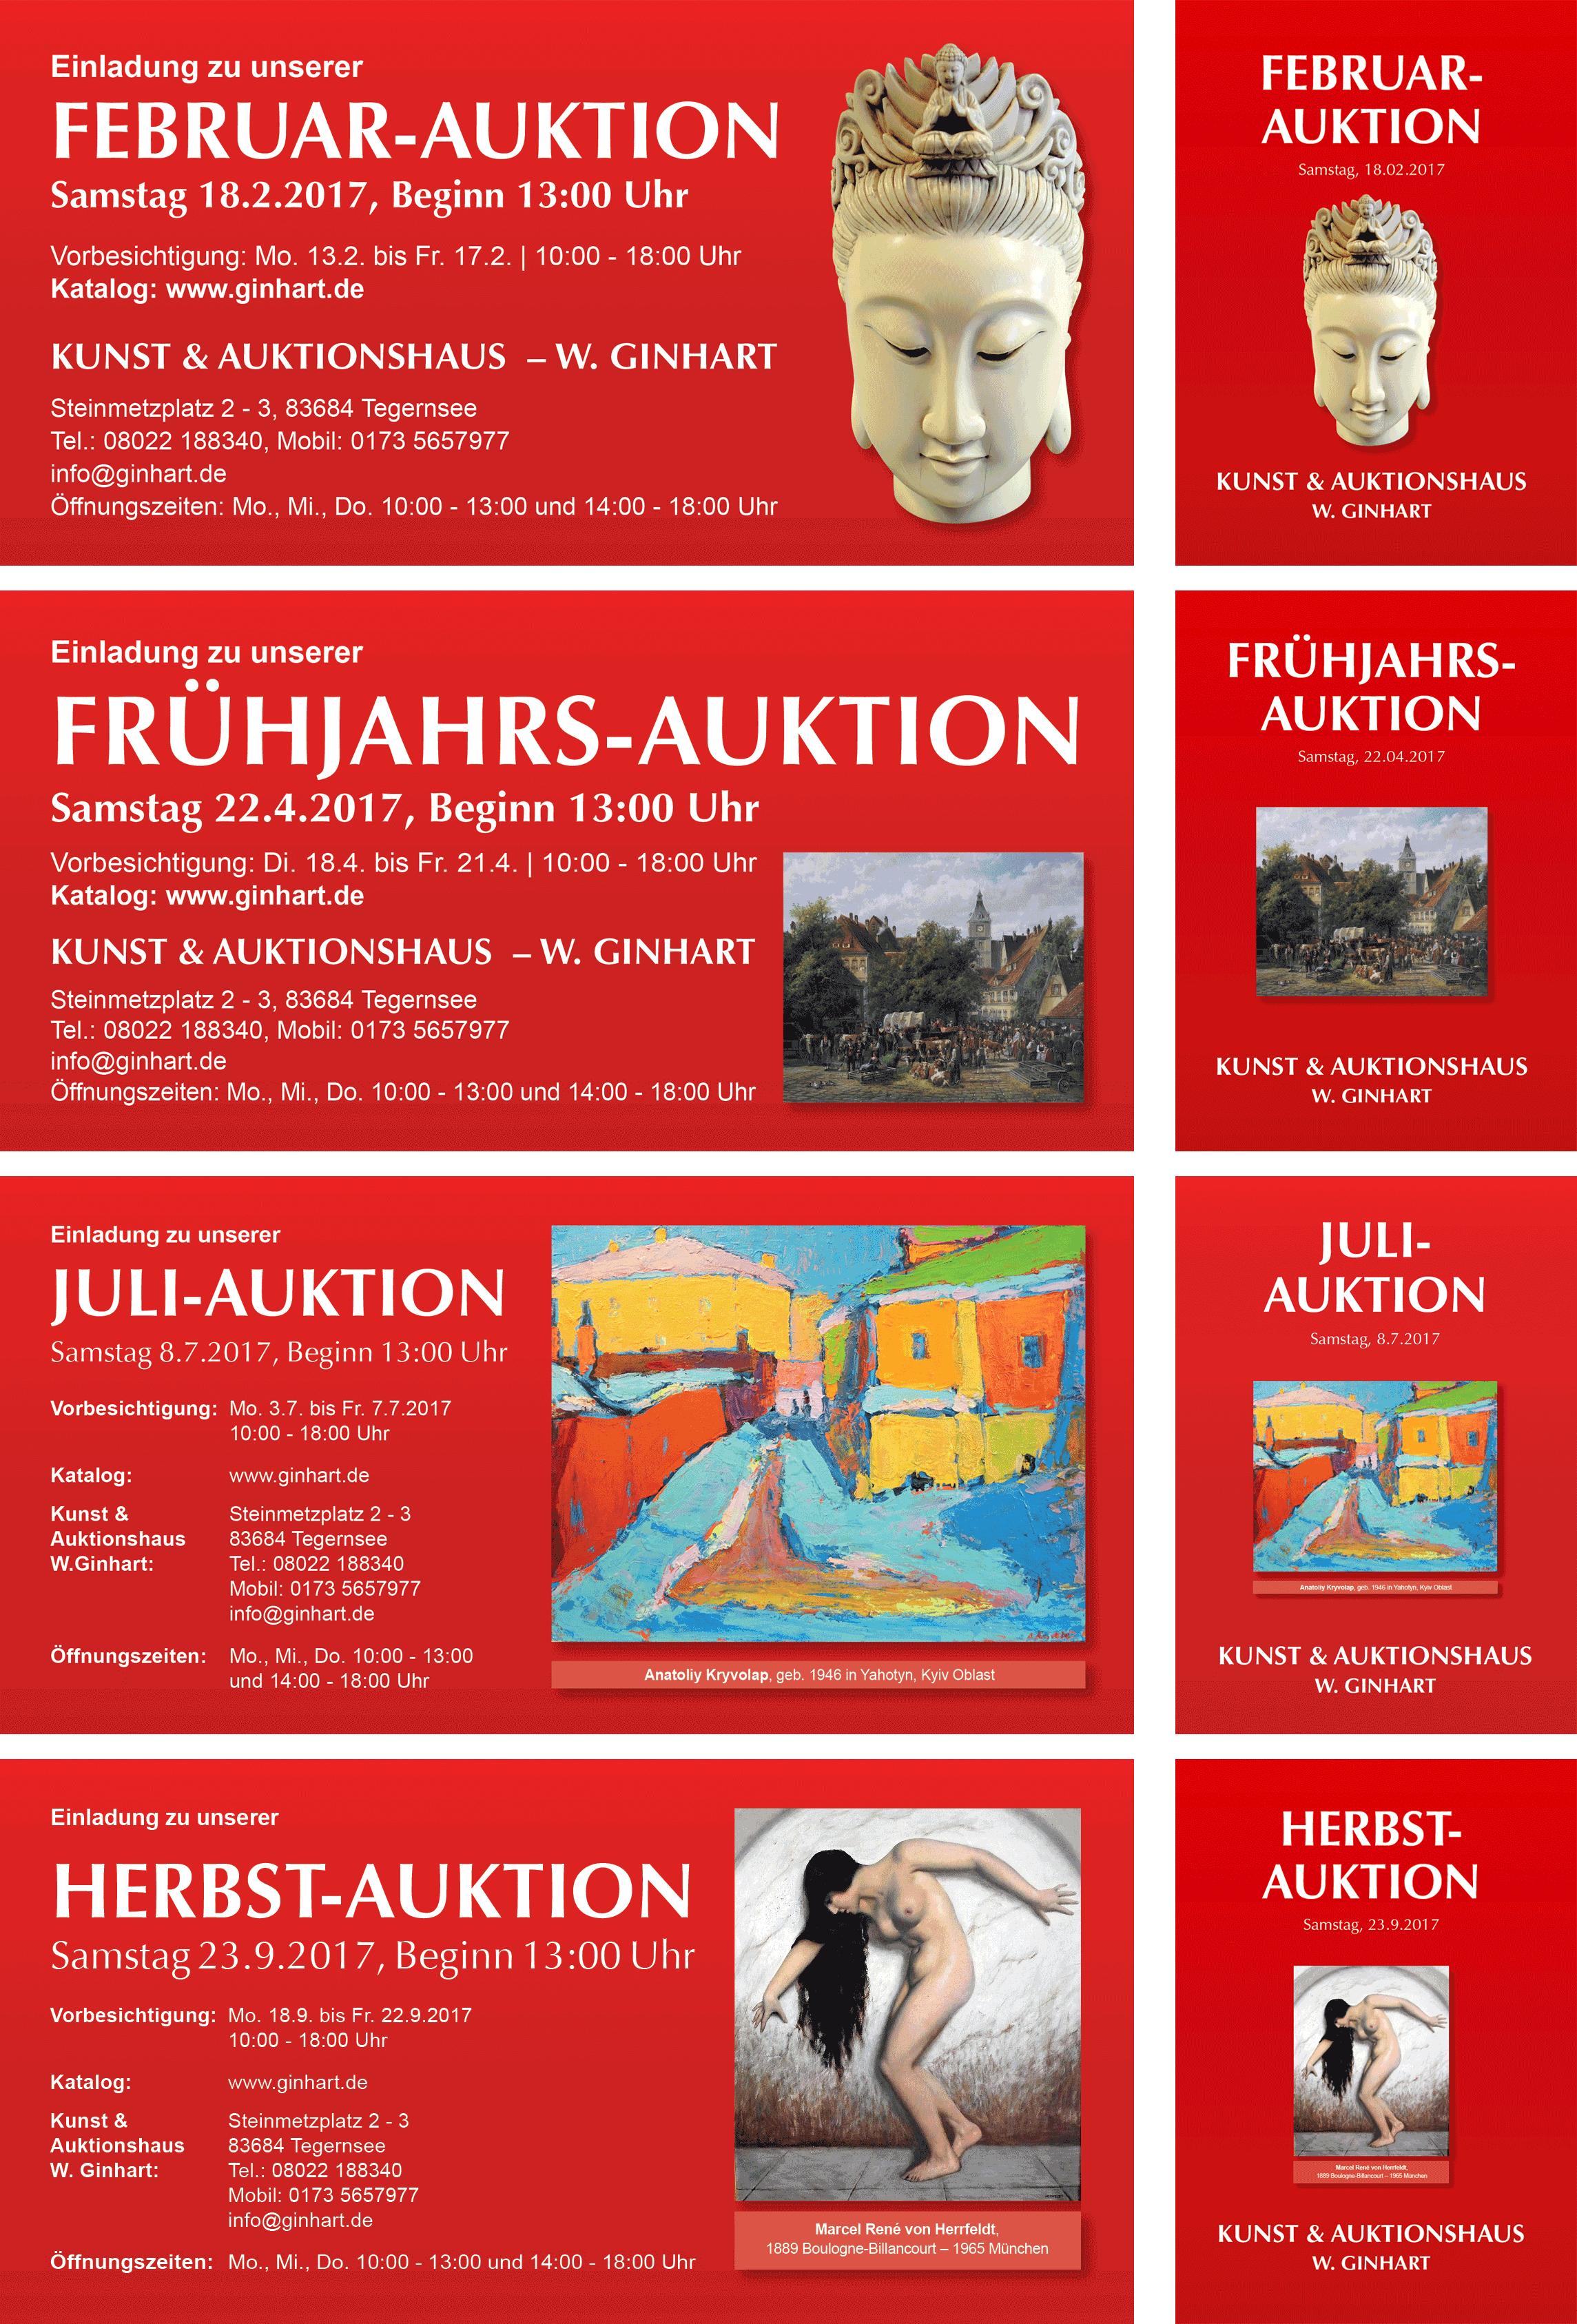 Auktionshaus Ginhart Tegernsee ginhart auktionen tegernsee – wohn-design